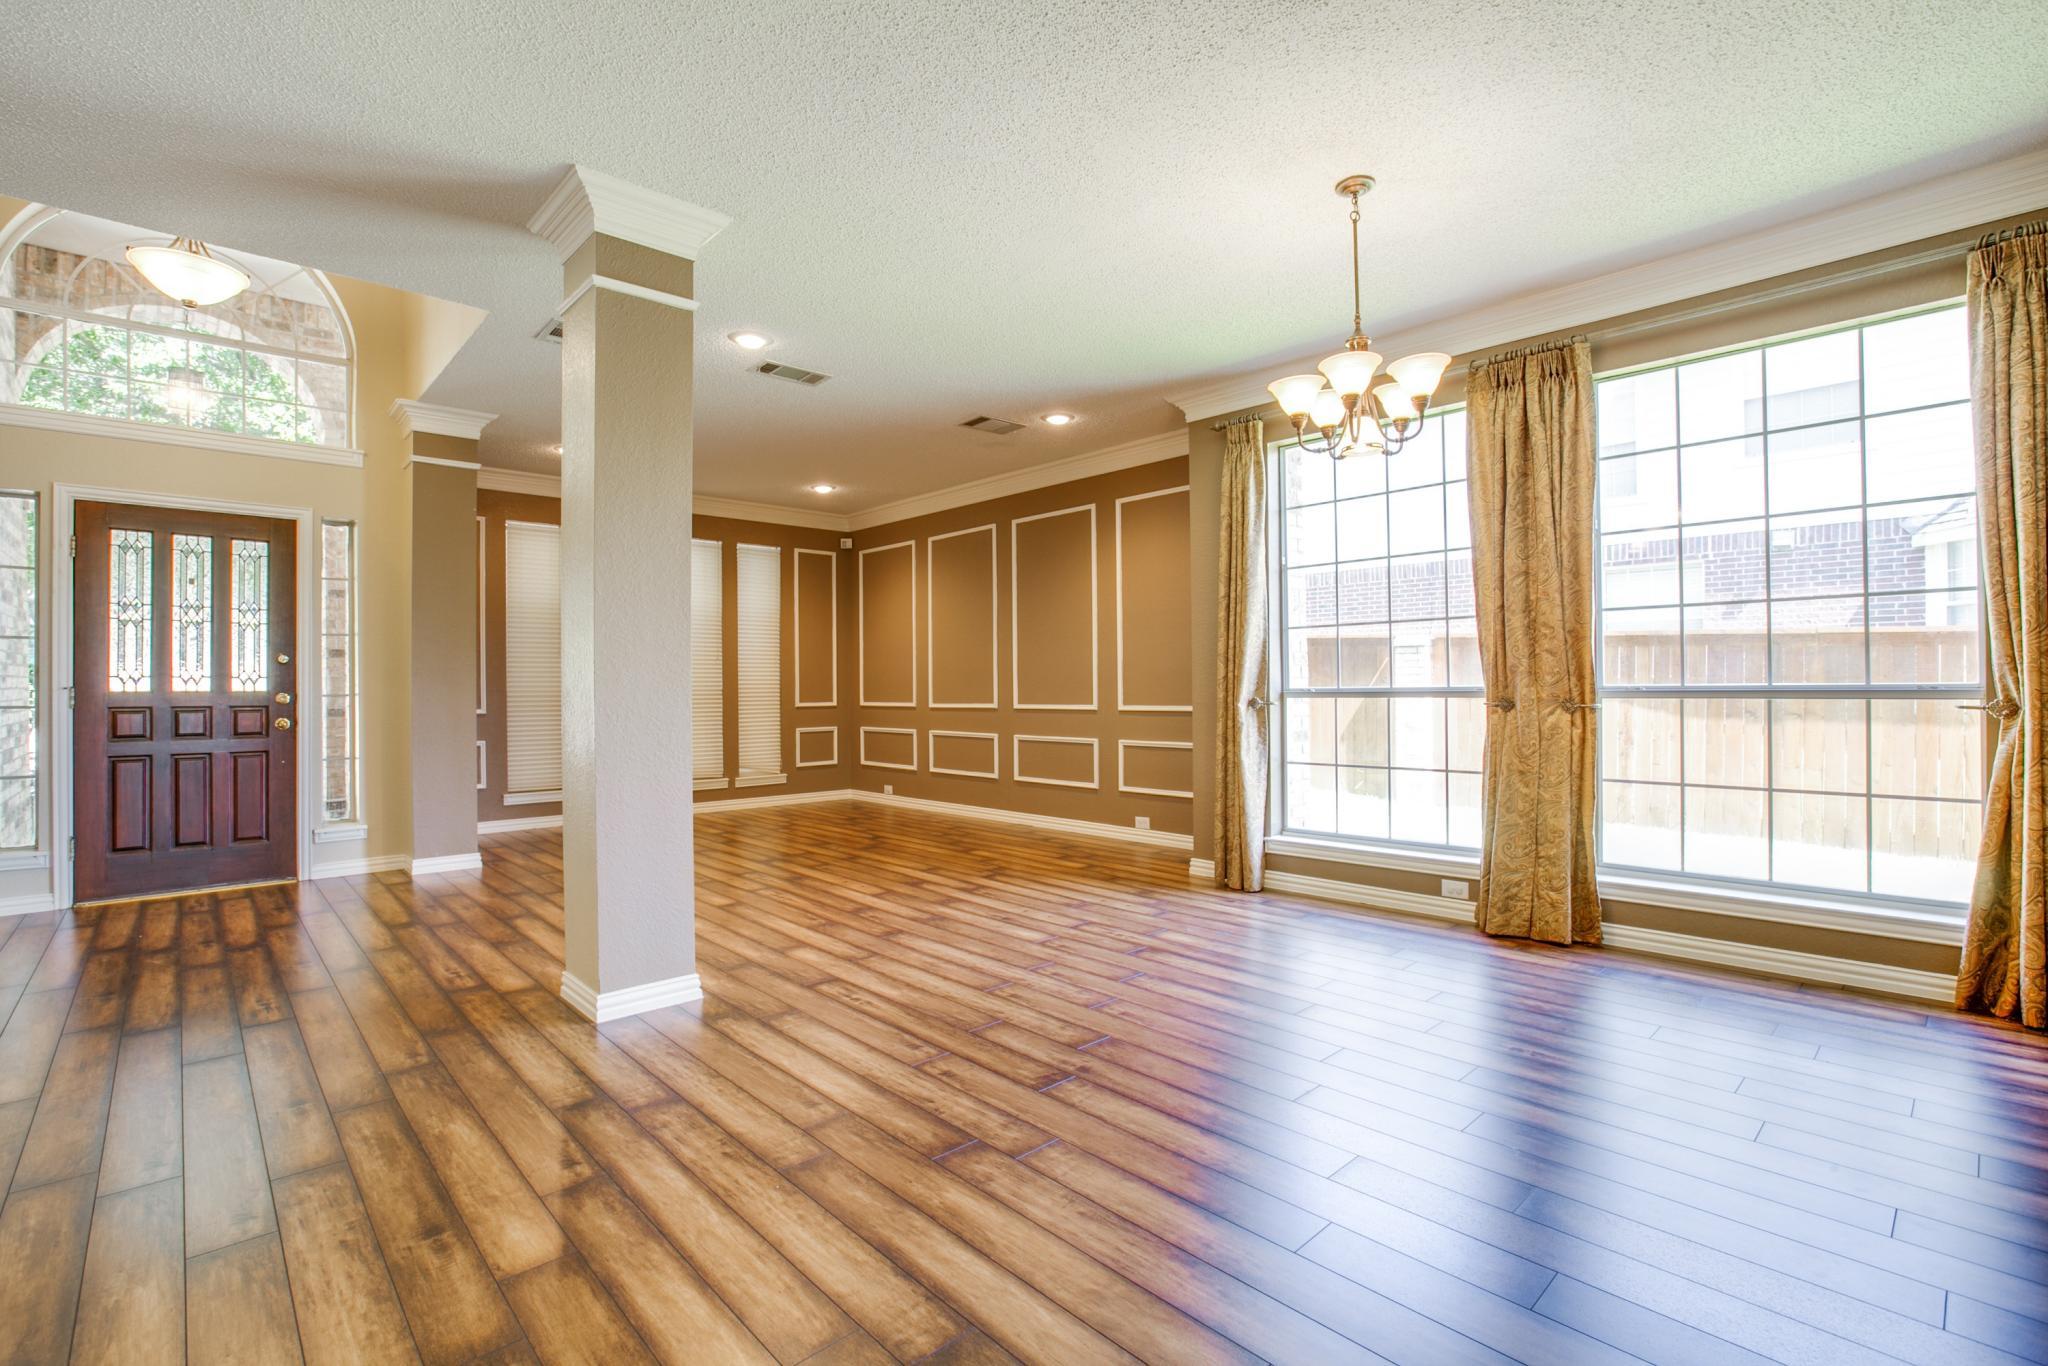 2615 Garden Ridge Ln, Arlington, TX 76006 For Rent | Trulia